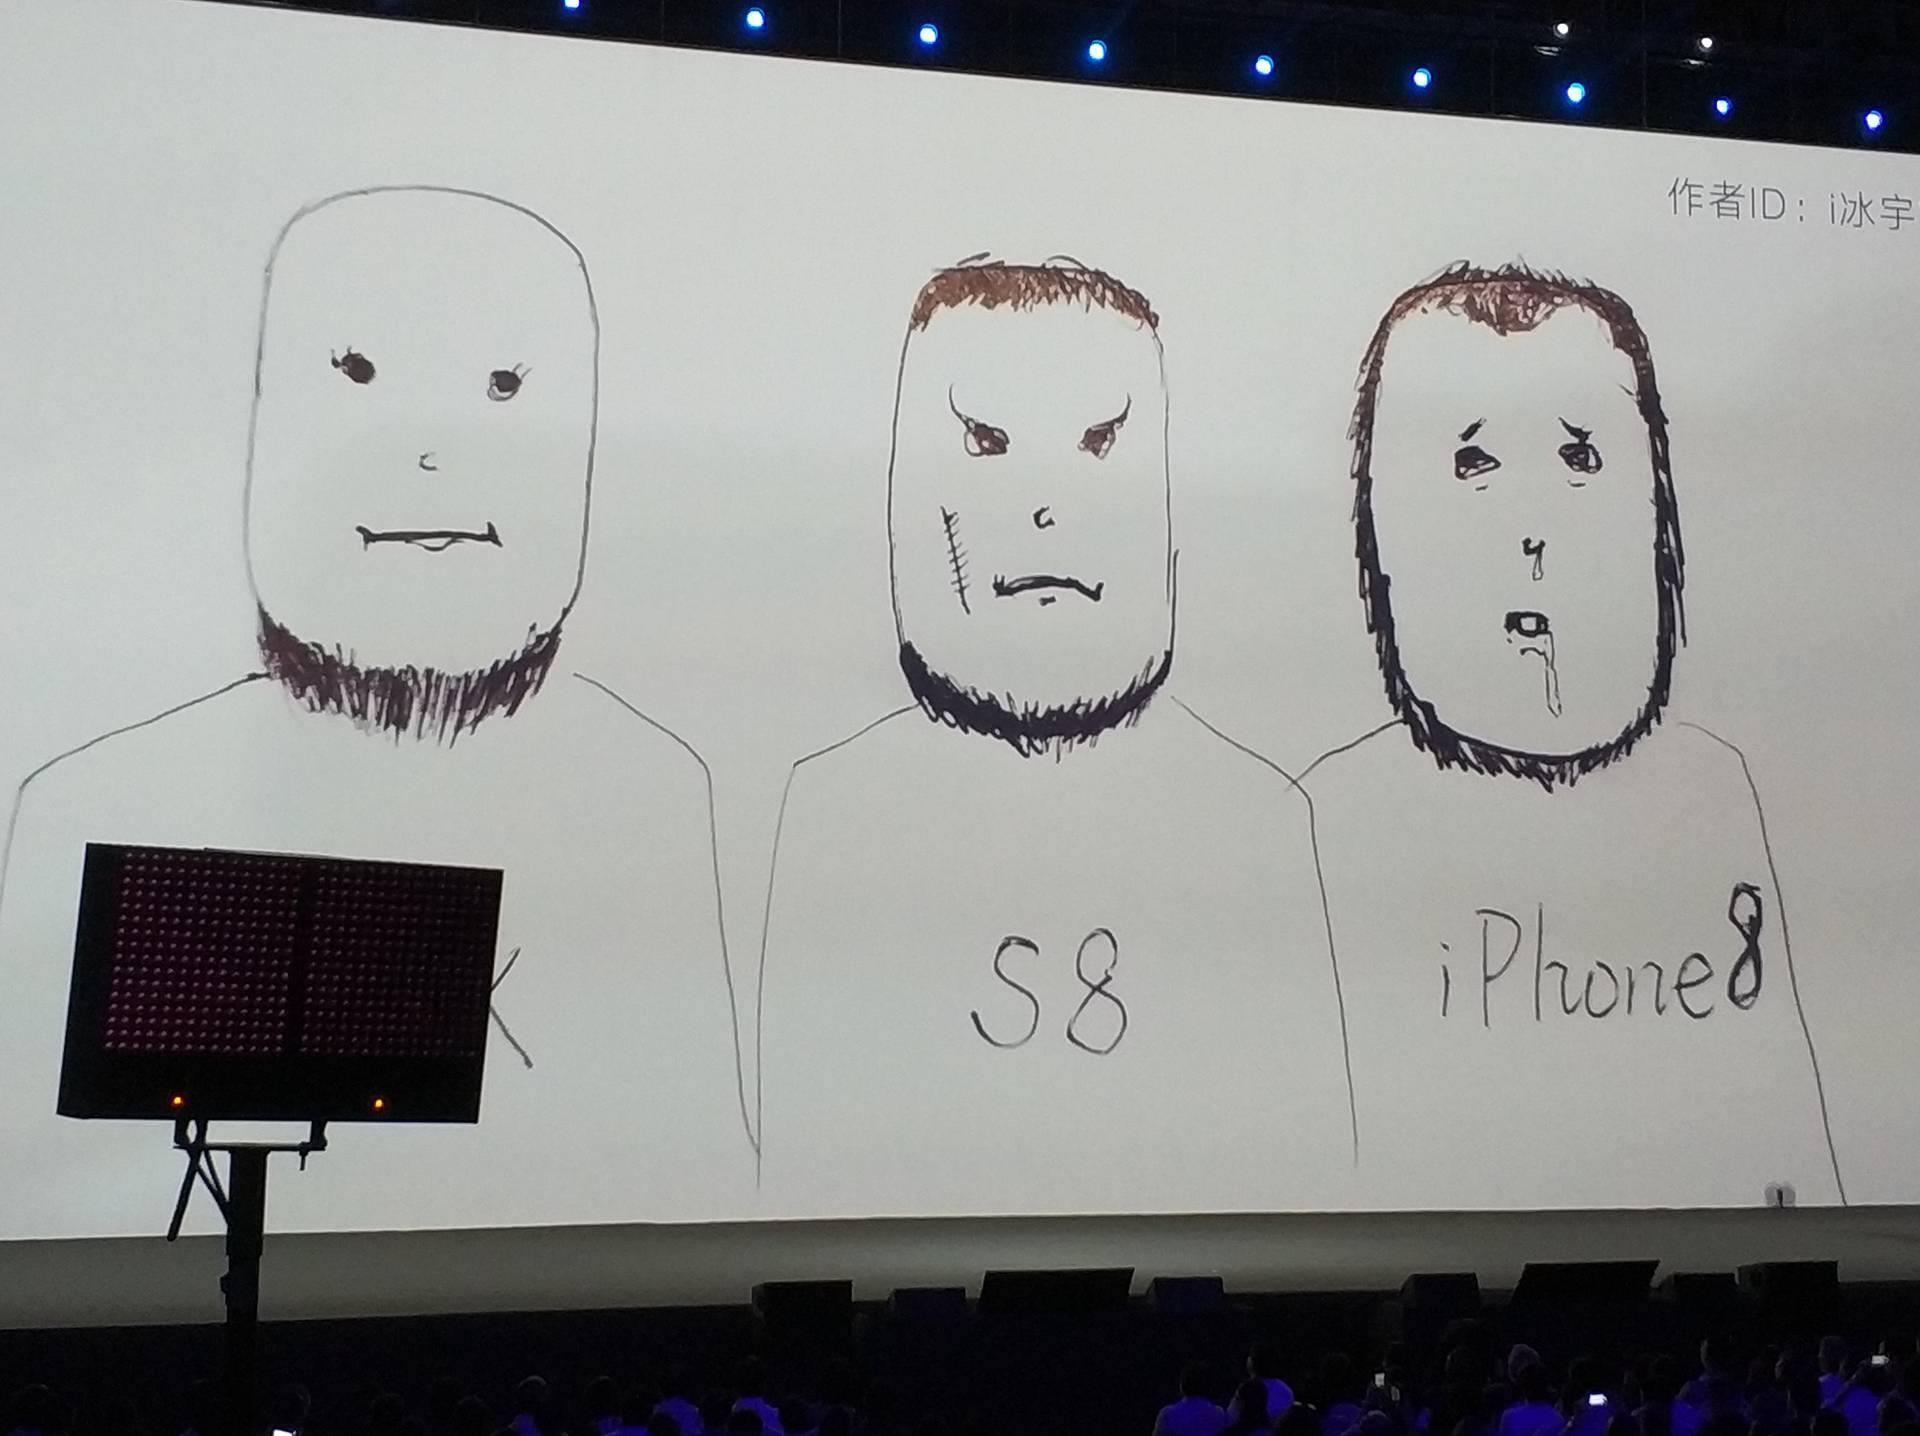 Co ciekawe podejście Xiaomi r³Å¼ni się od tego co kilka miesięcy temu zaserwował nam Samsung W Galaxy S8 przednia kamera i sensor zbliżeniowy znajdują się